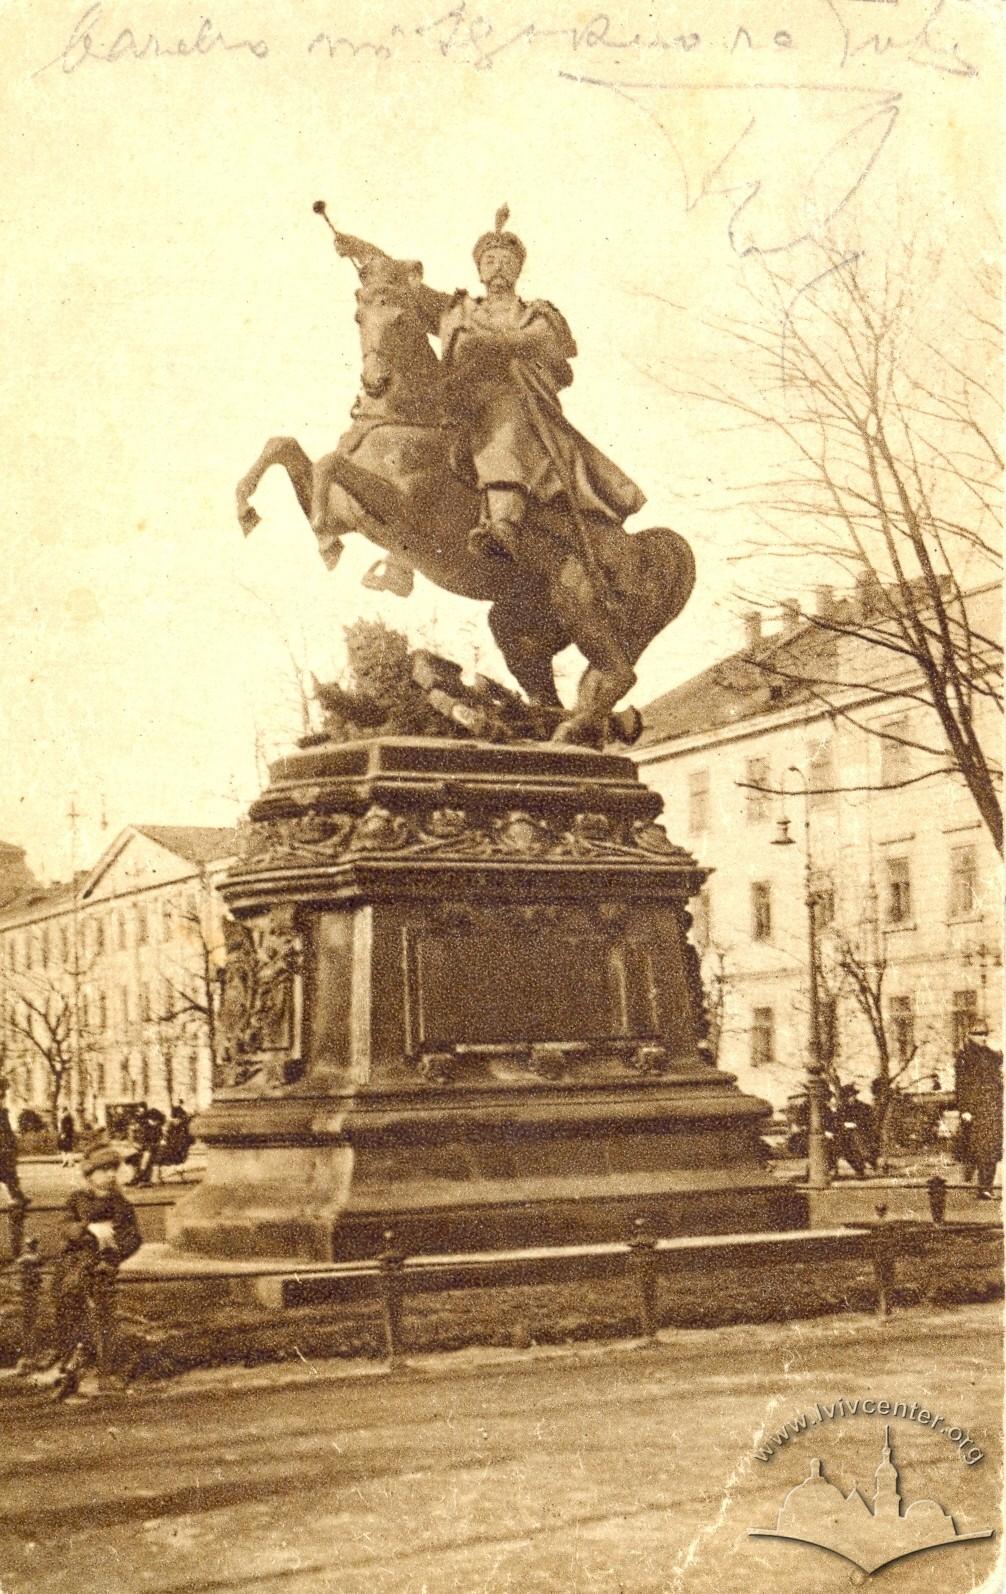 Пам'ятник Яна Собеського, зима 1914-1915 рр.